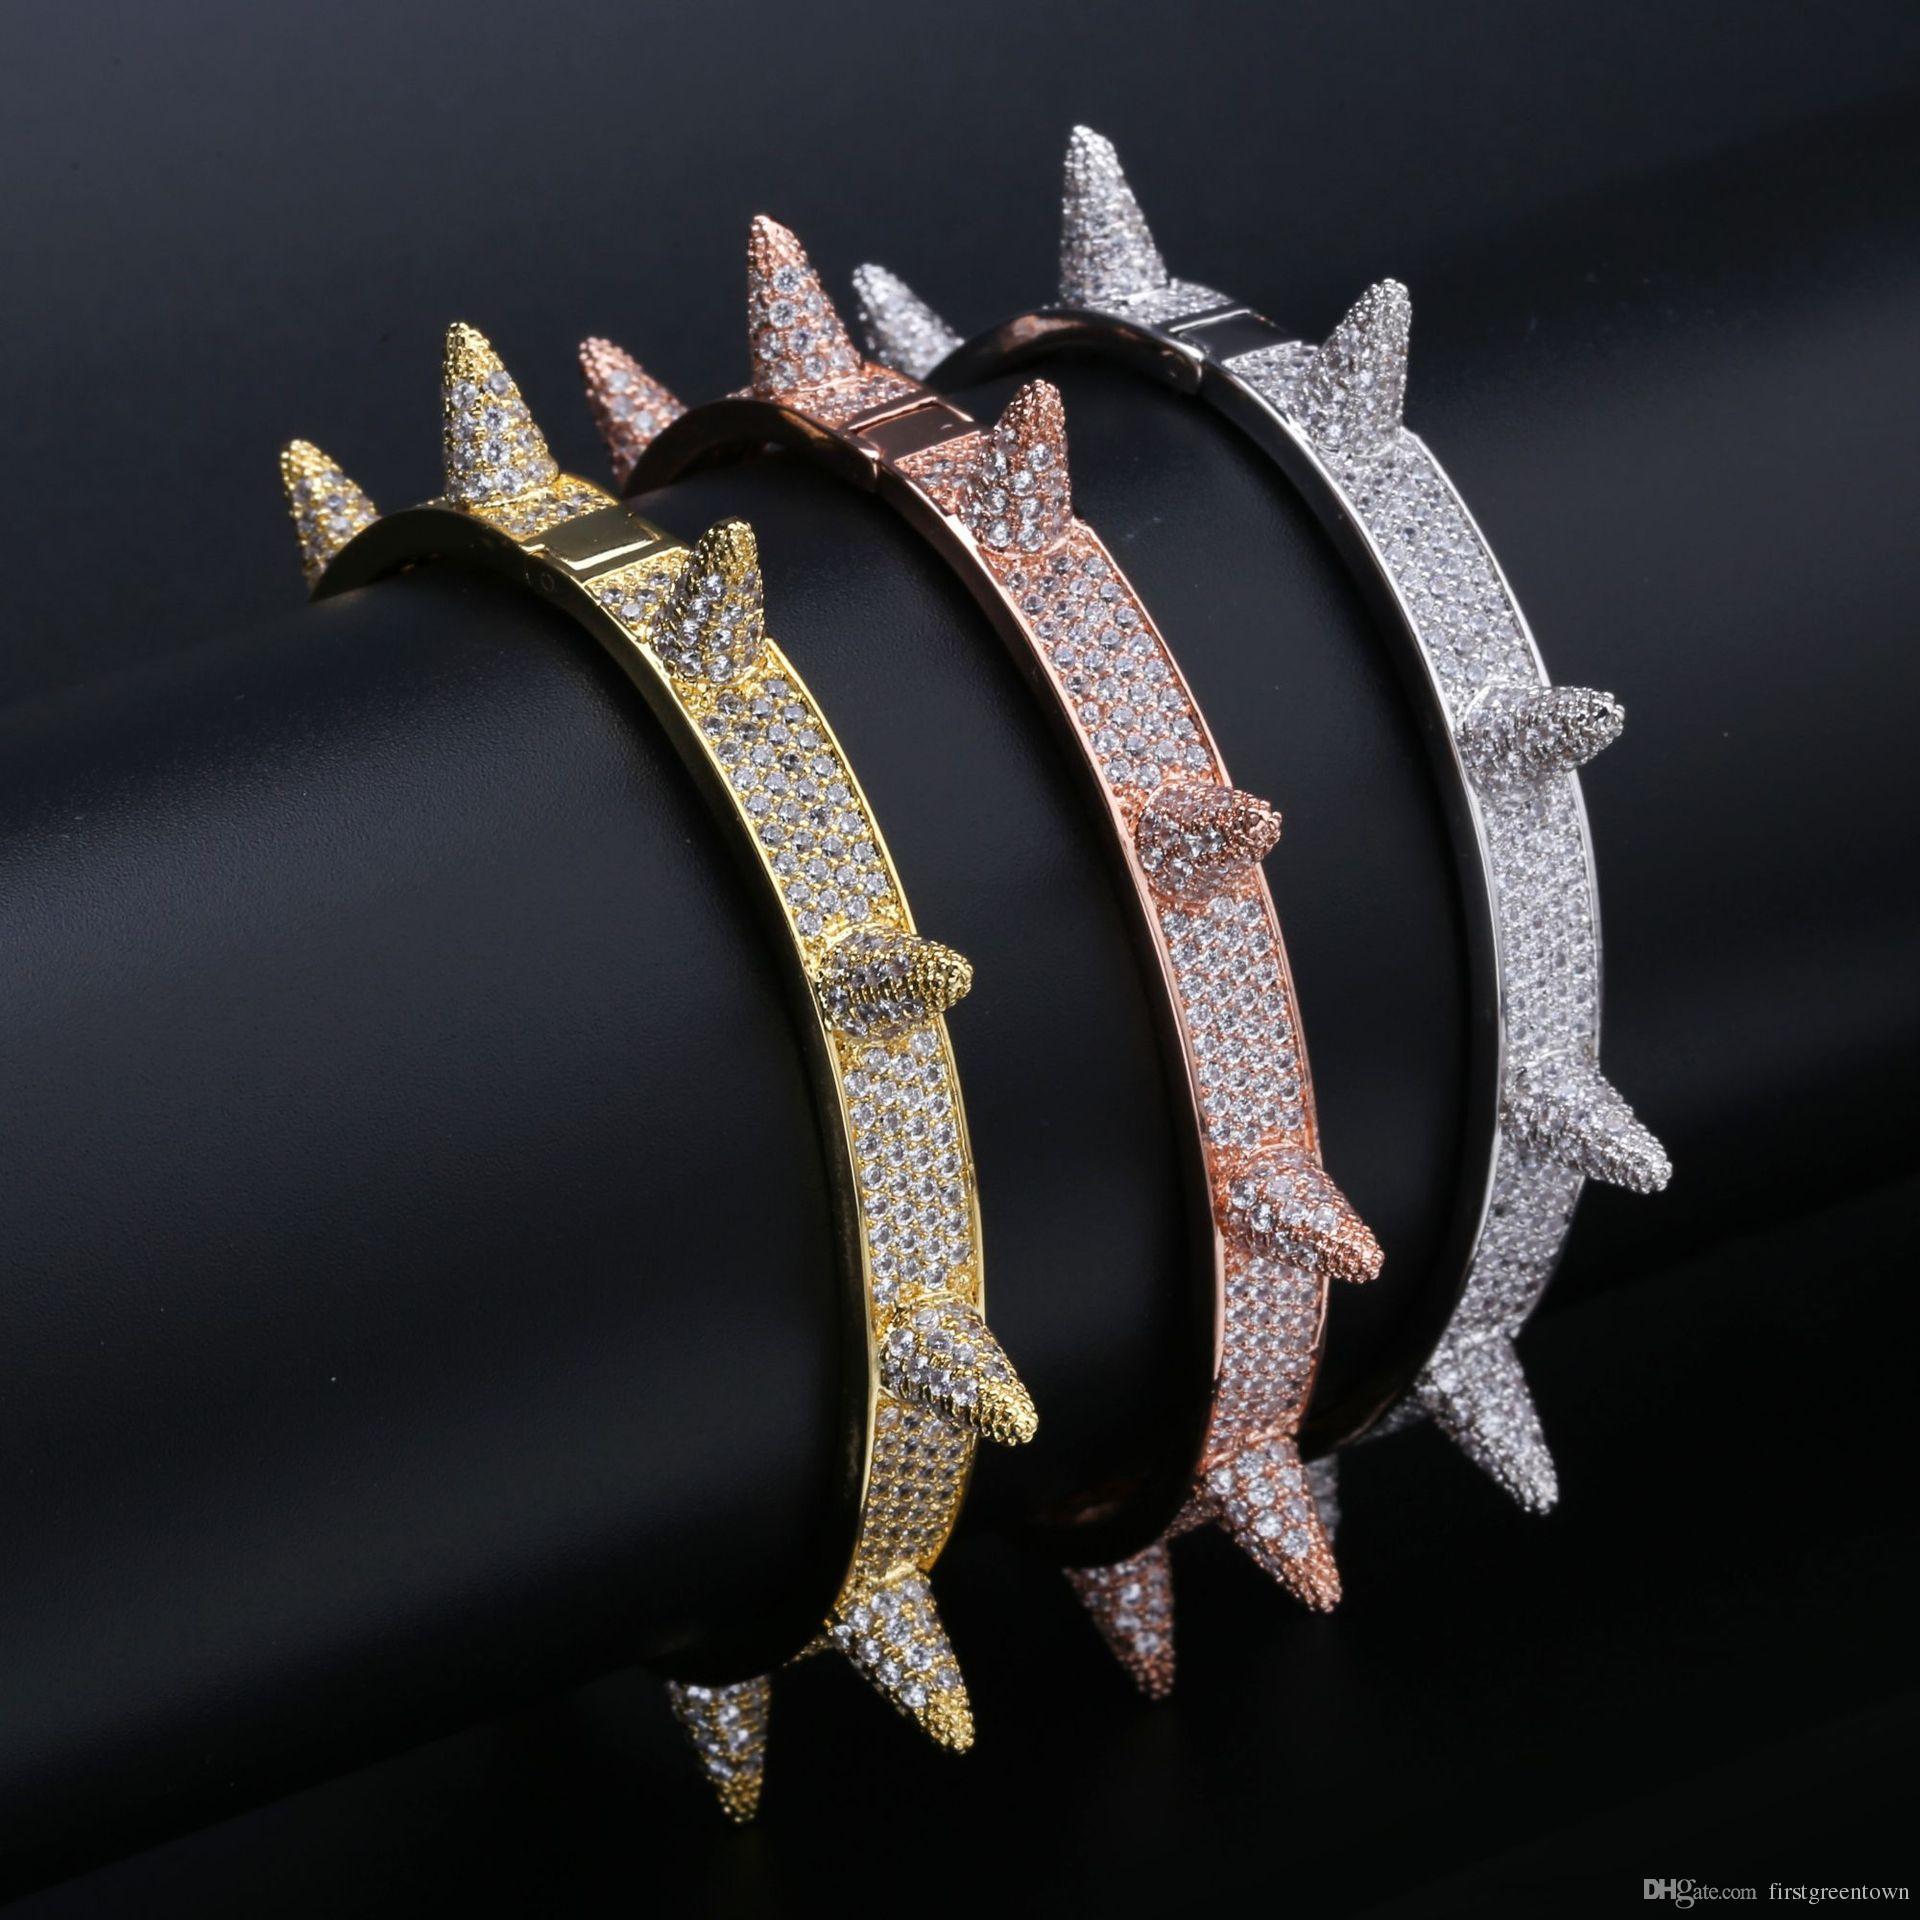 Niet-Bolzen-Männer Charme-Armbänder Armband-Iced Out Gold-Silber-Farben-Armband-Hip Hop / Punk Gothic Bling Schmuck